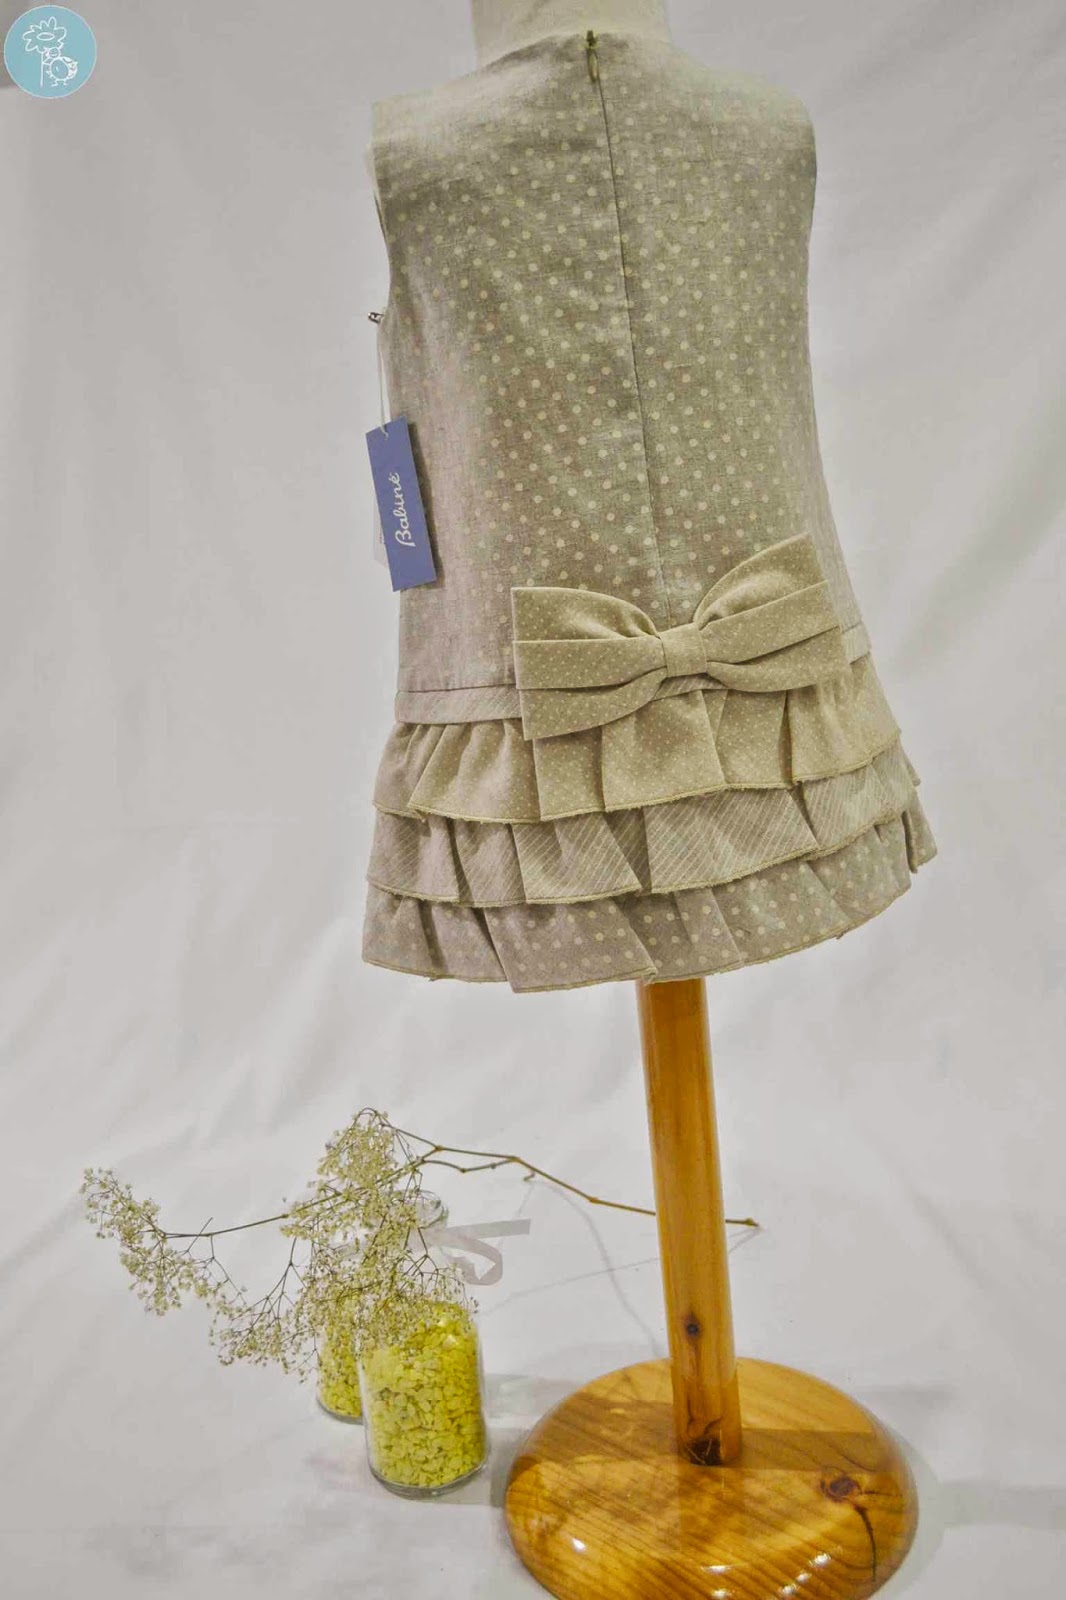 Vestido infantil niña Babiné en Tienda -Blog- Retamalmodainfantil